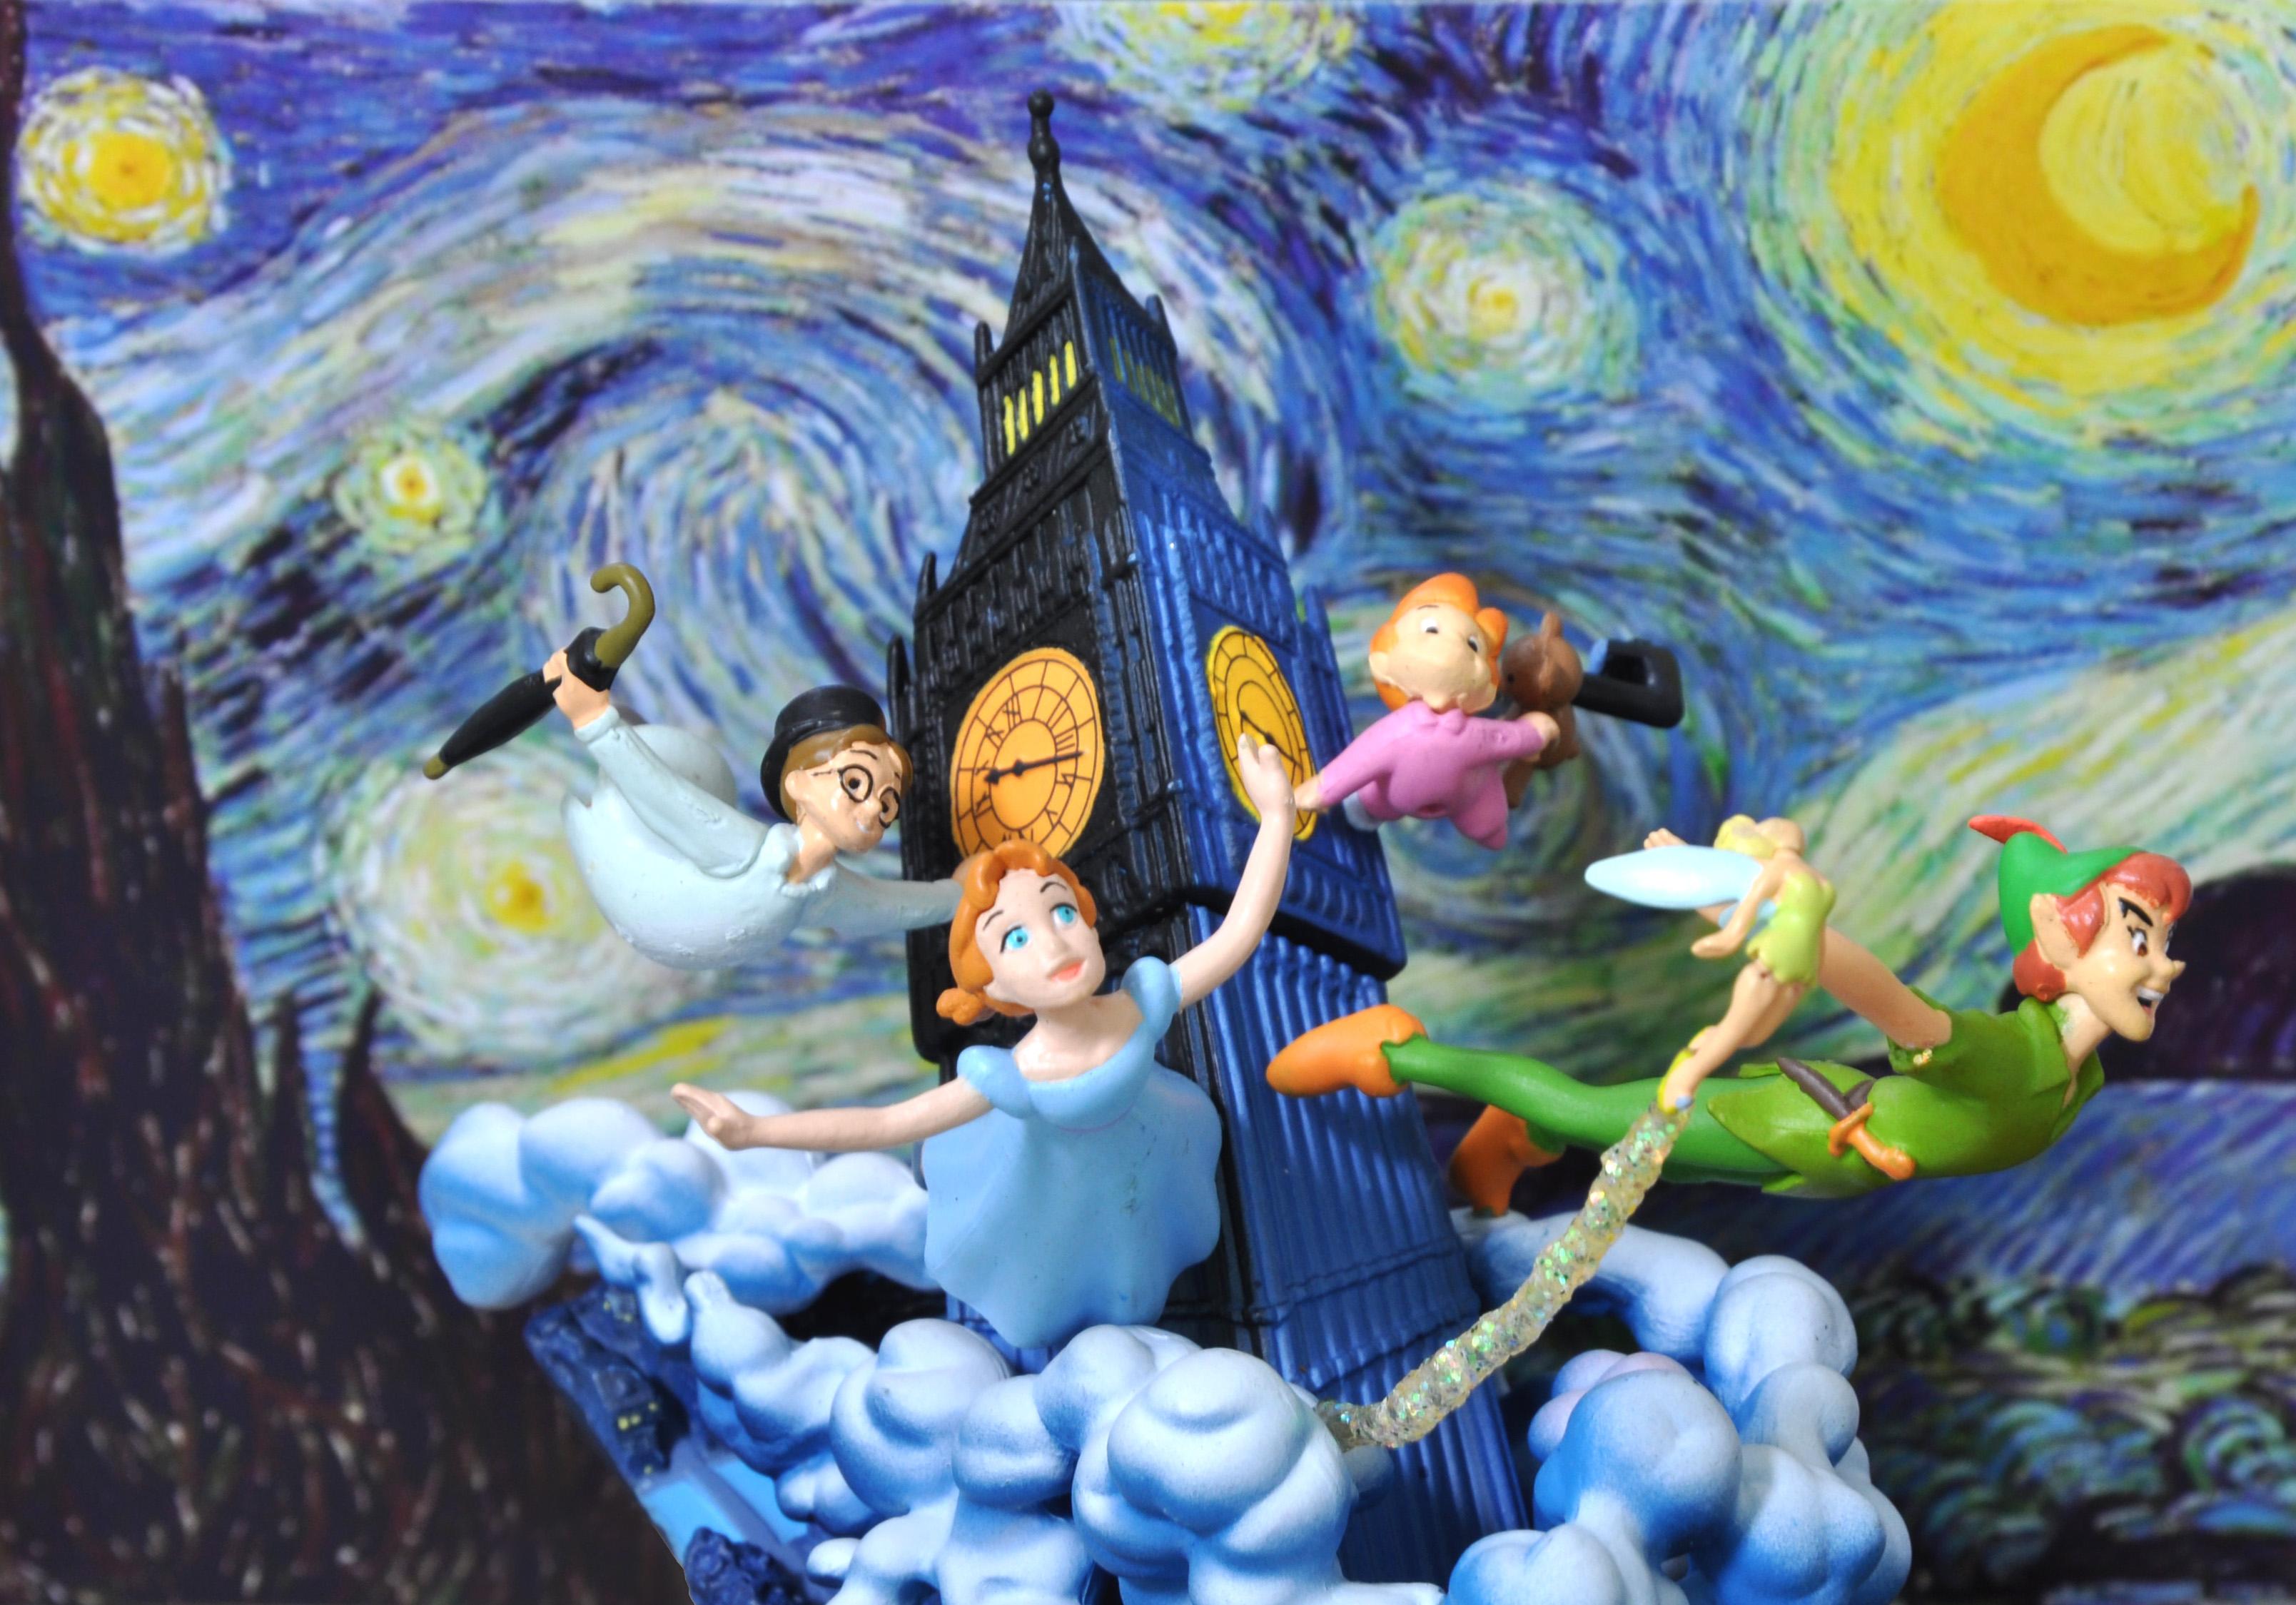 Wallpaper Tinkerbell Bigben Peterpan Neverland